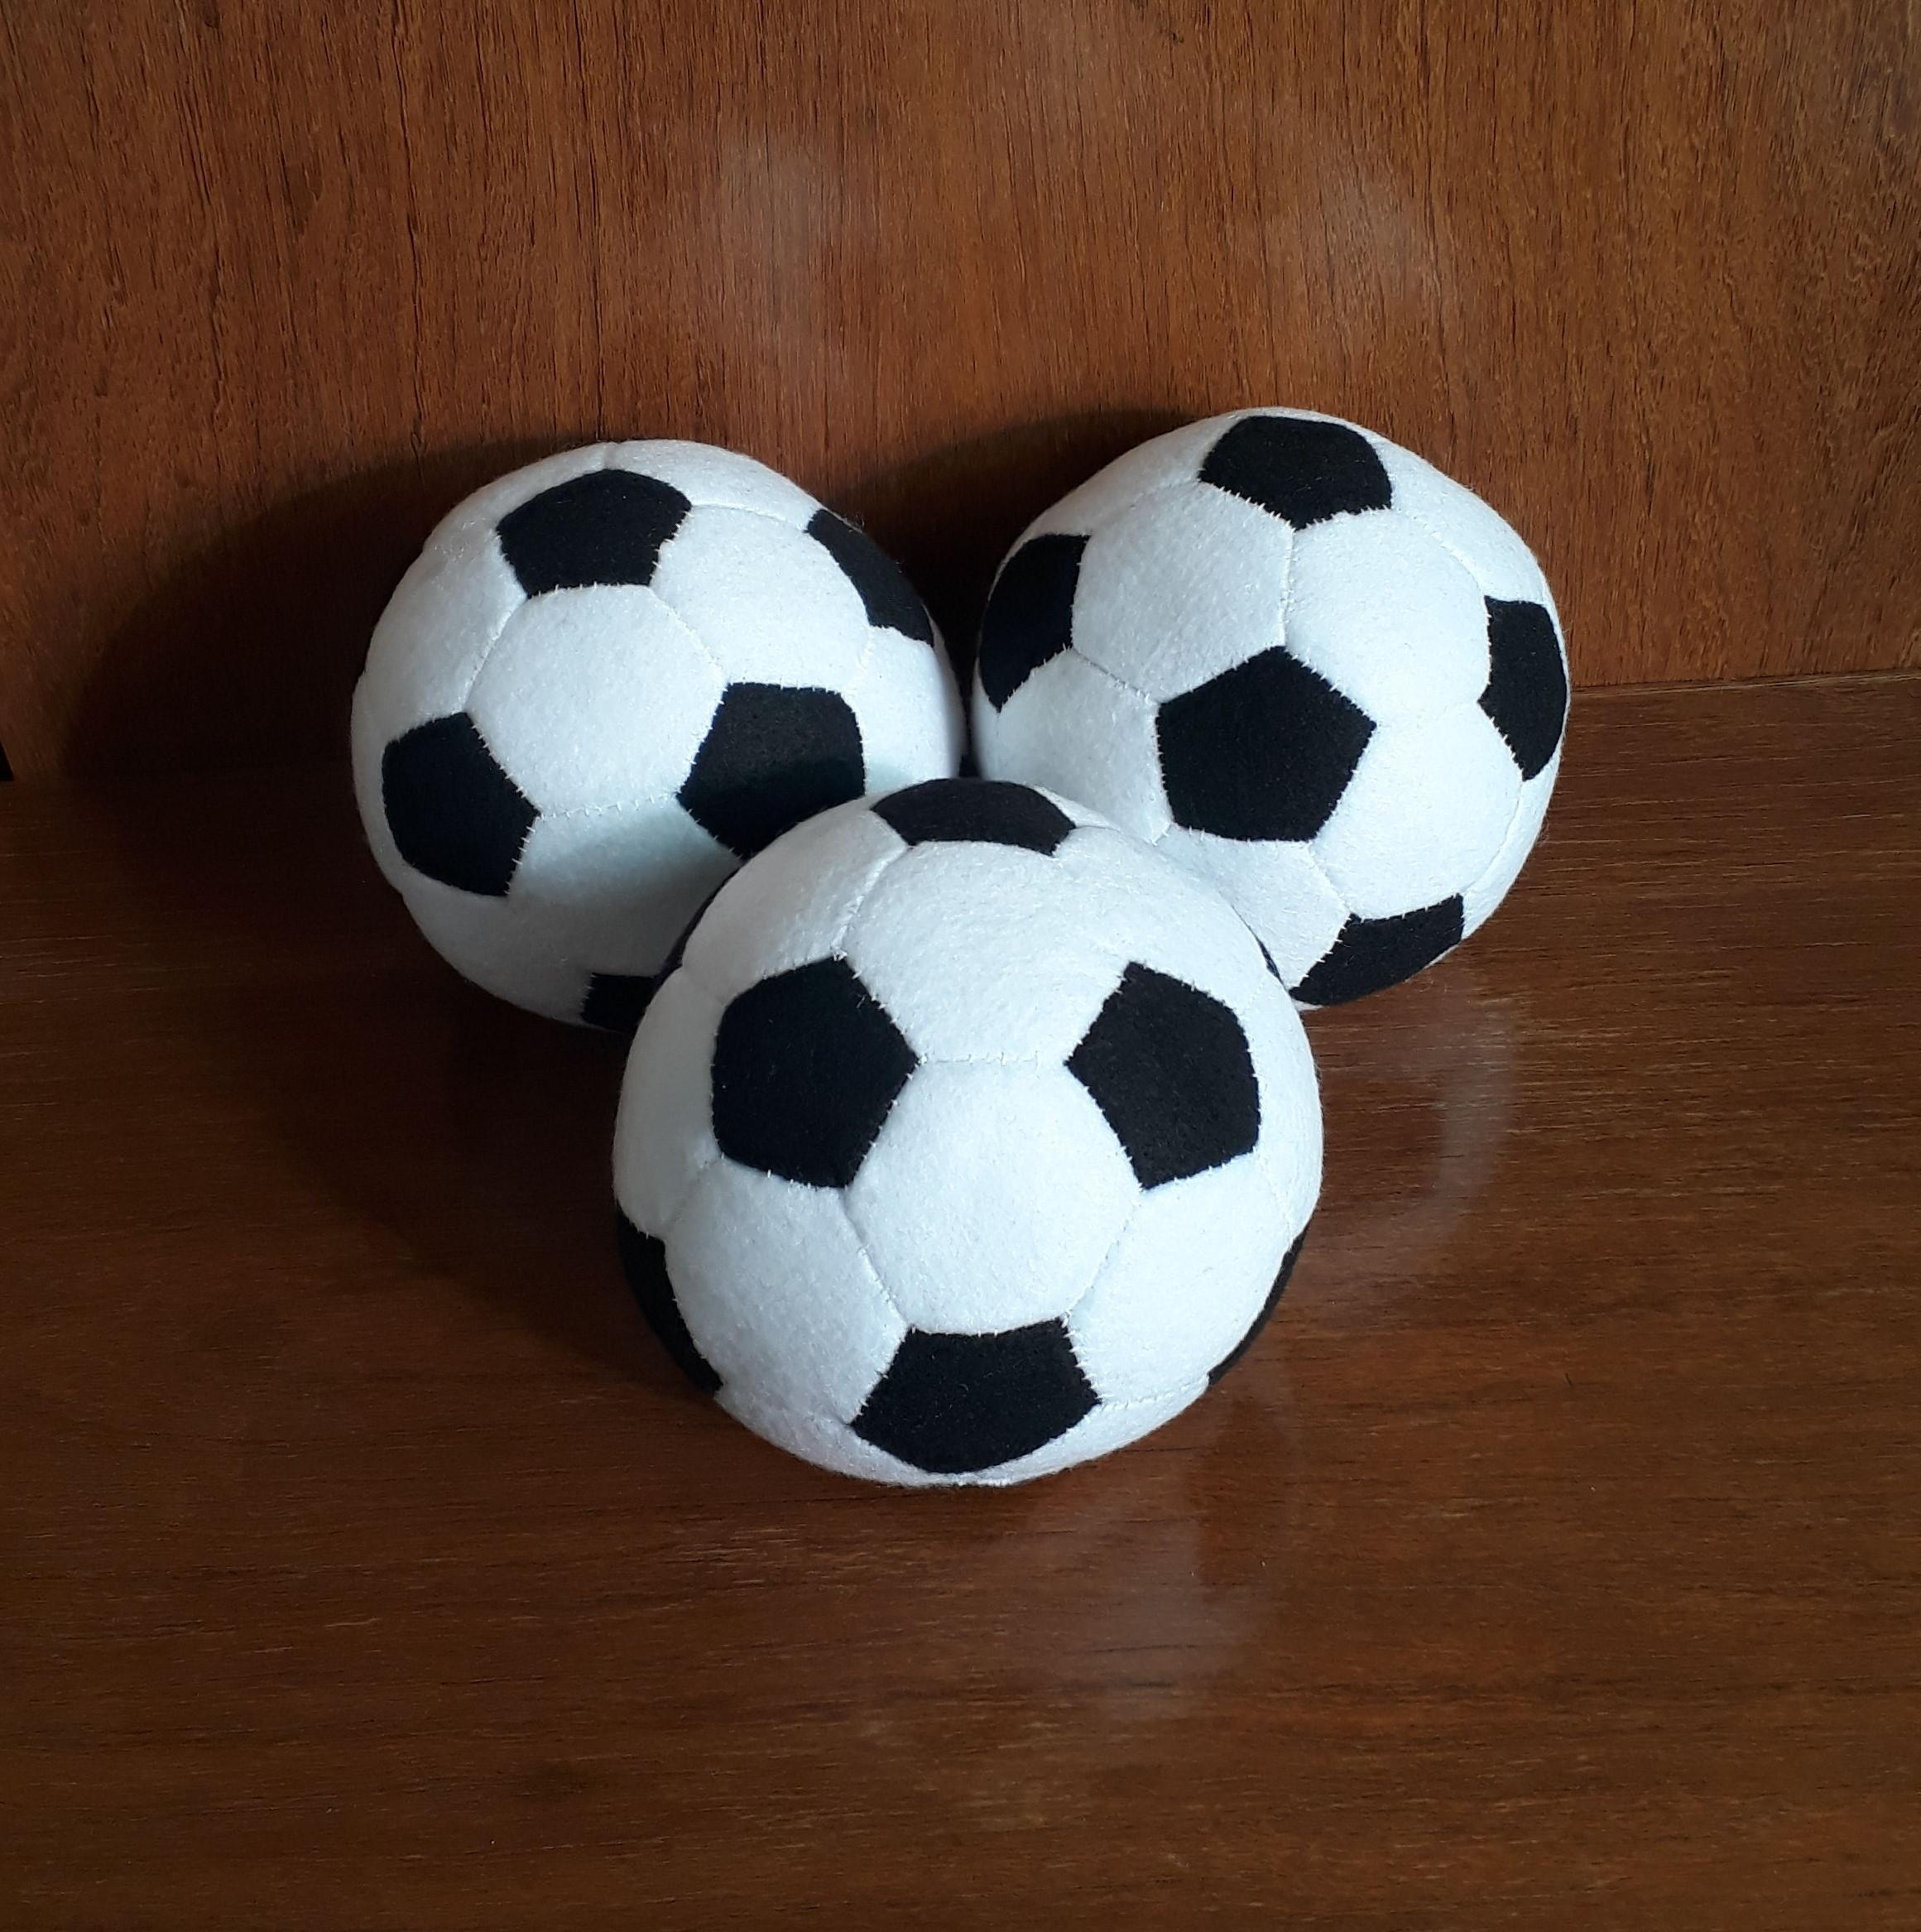 9afd4c0d5 Fantasia Bola de Futebol